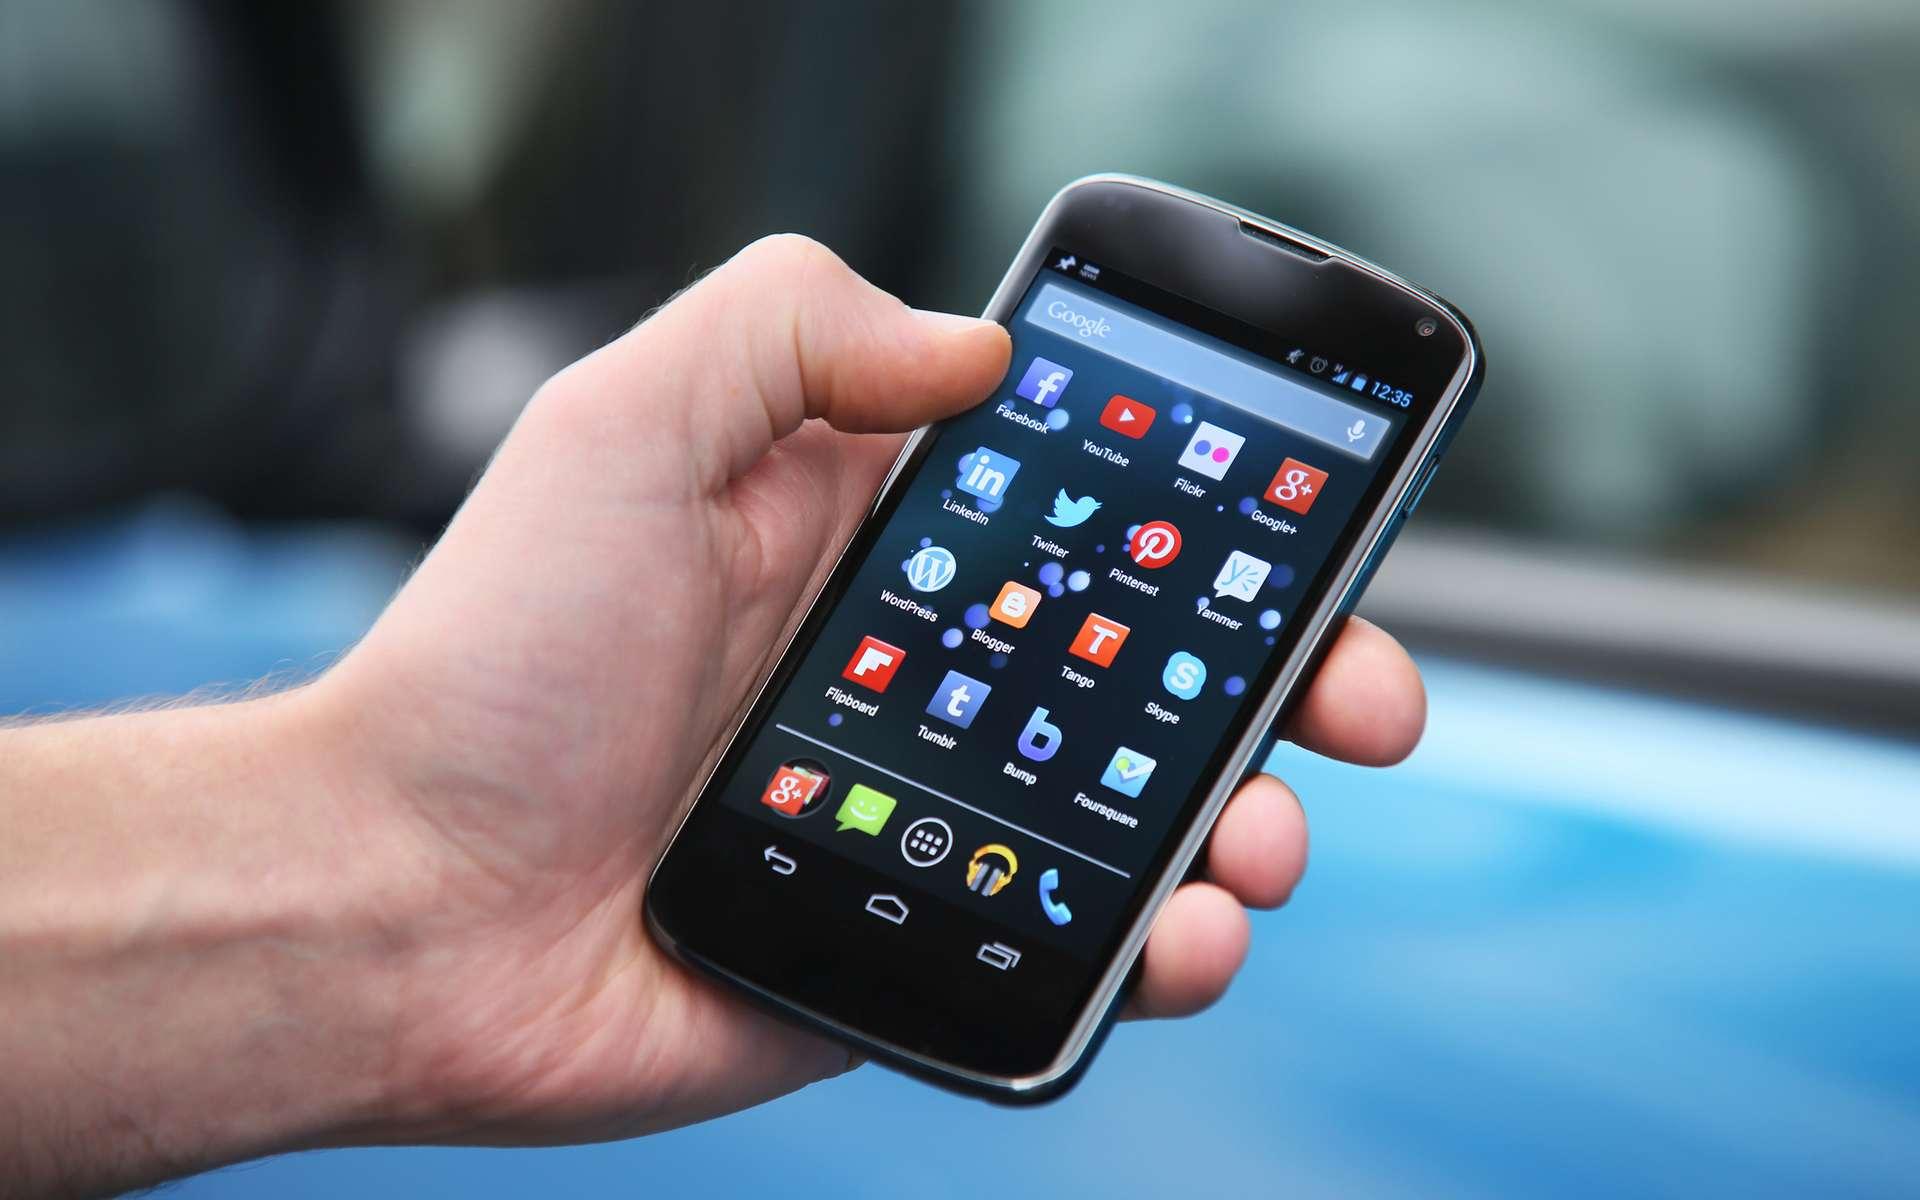 La technologie Voice over LTE promet une qualité d'appel supérieure grâce à son traitement spécifique du flux de données voix. © Highways Agency, Flickr, CC by 2.0